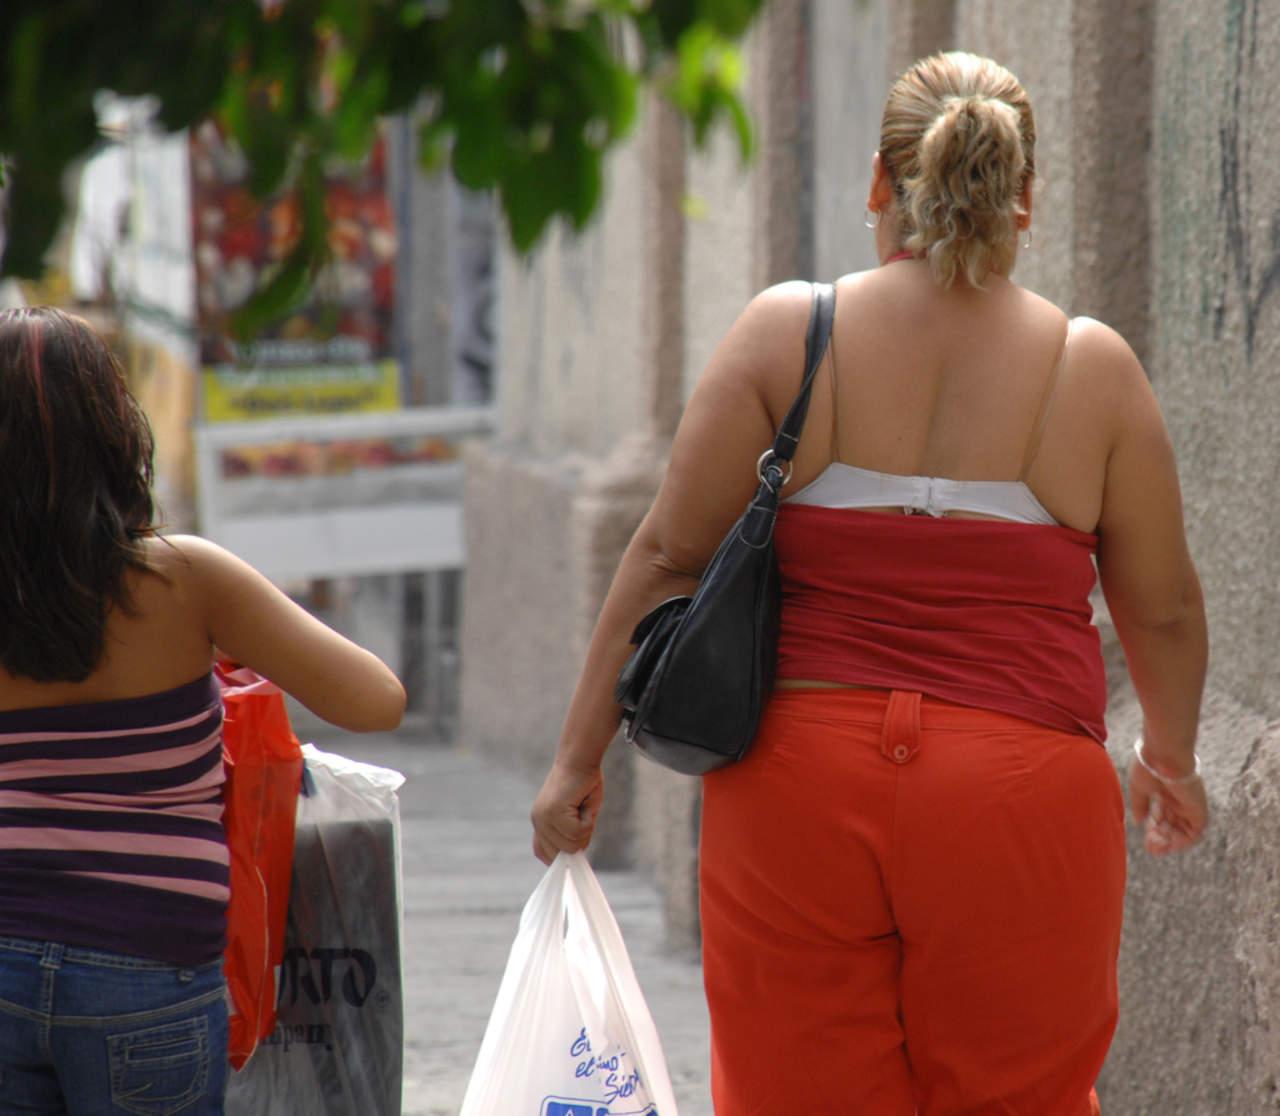 Obesofobia, sus consecuencias sociales